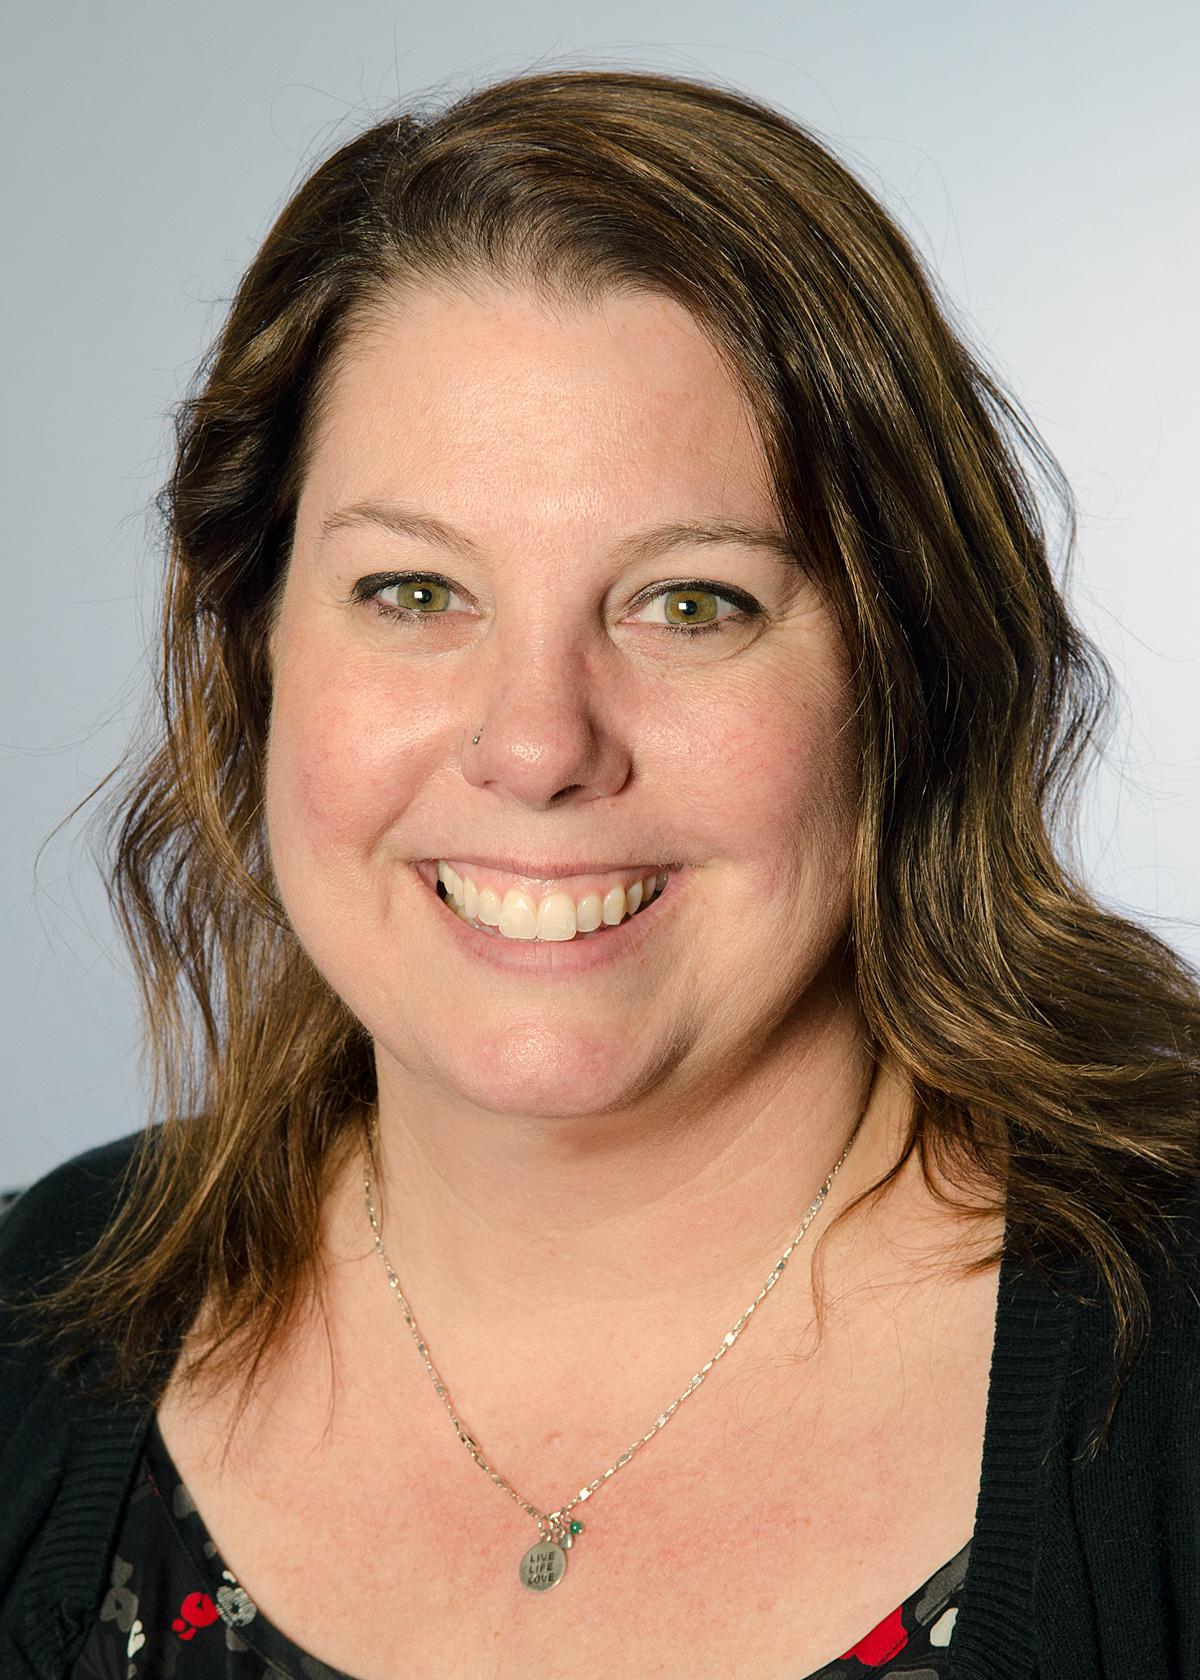 Danielle Barber